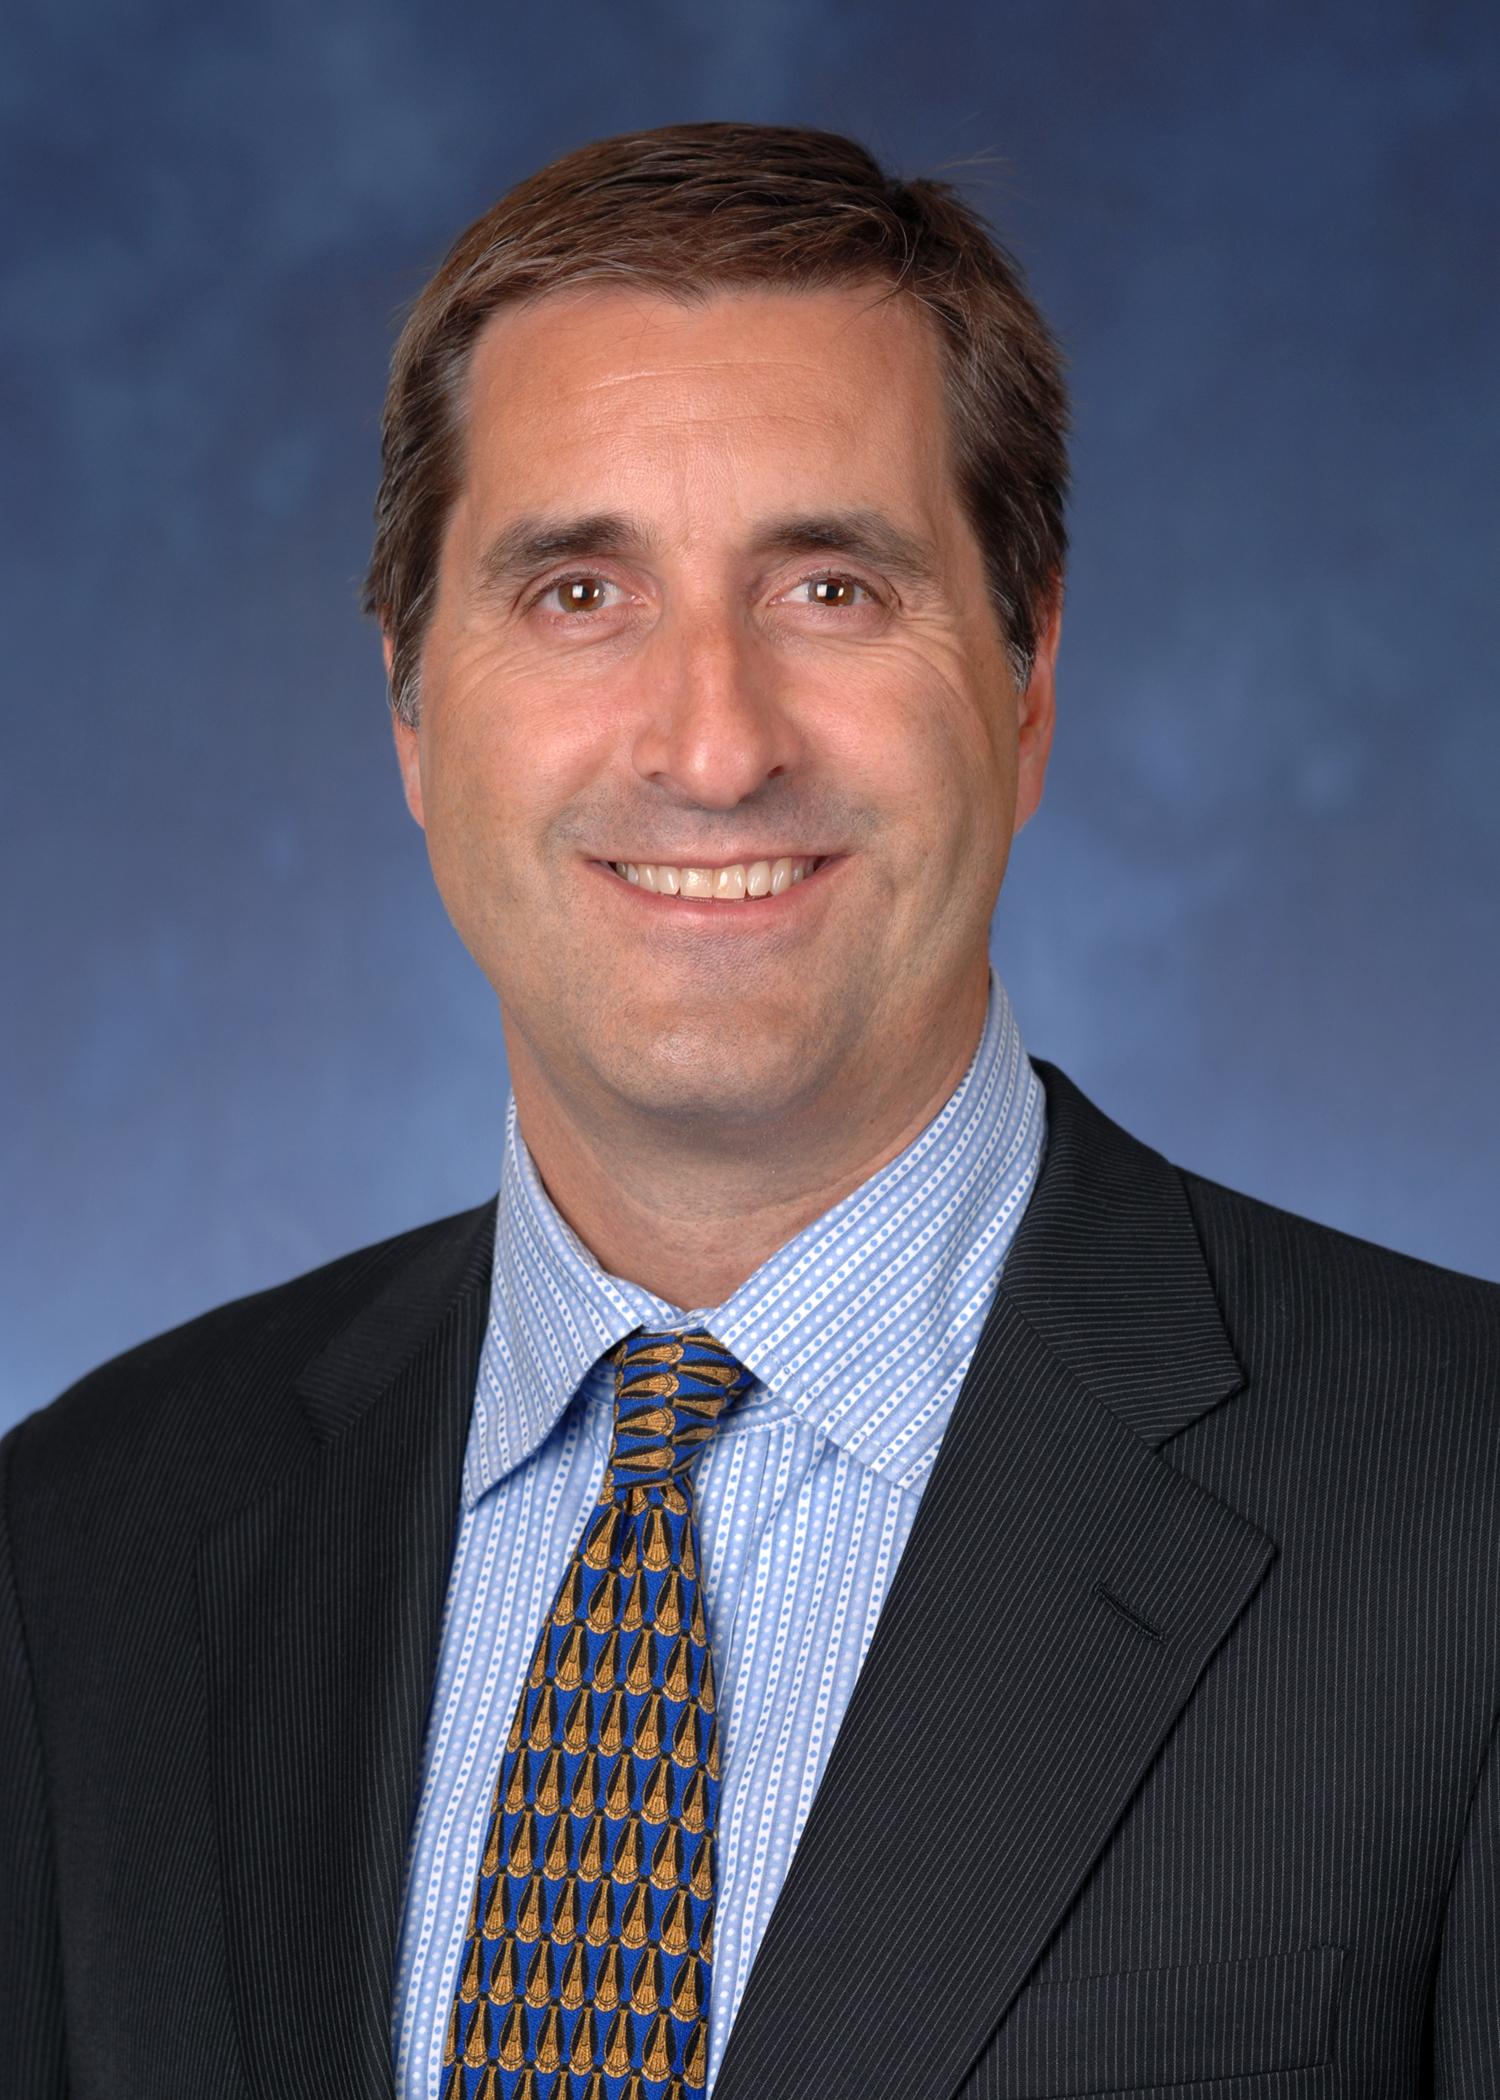 Marc Jacuzzi